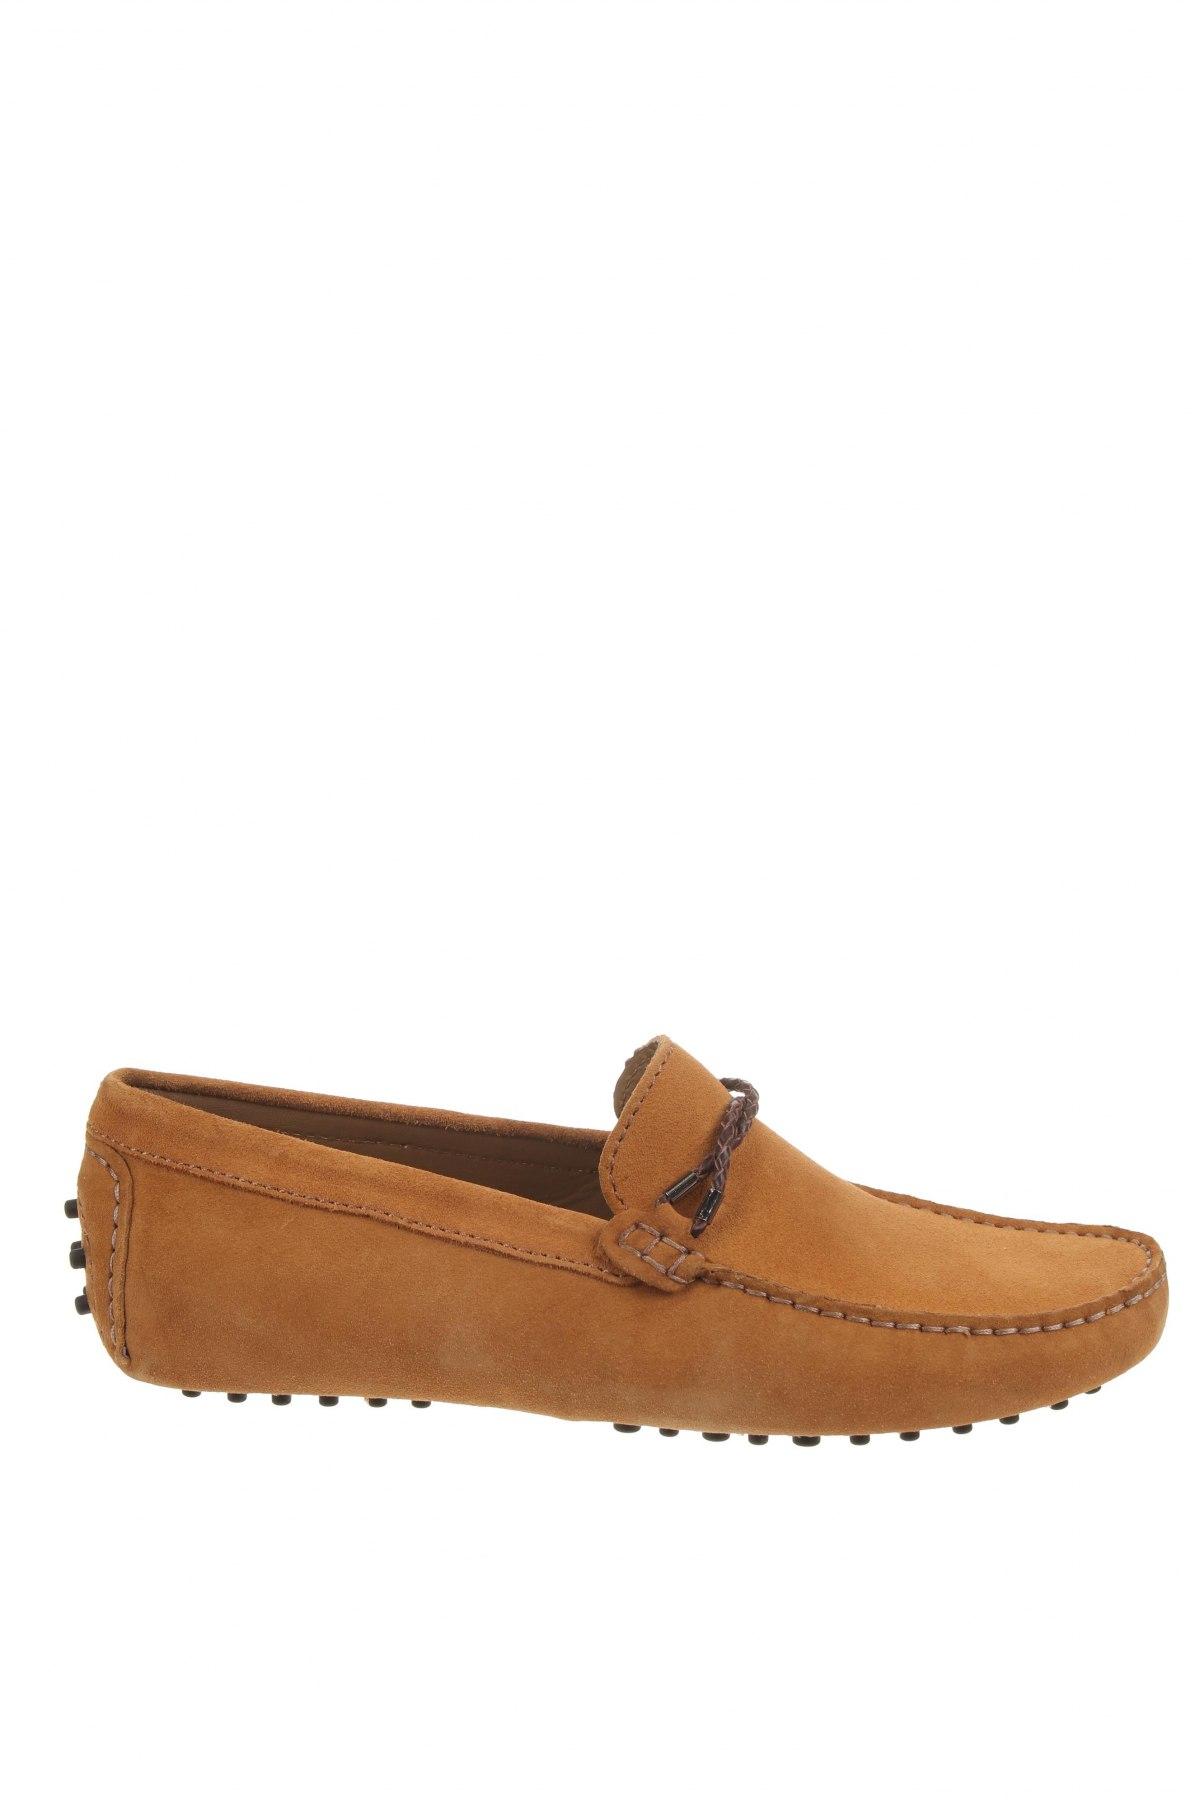 Ανδρικά παπούτσια John Scott, Μέγεθος 42, Χρώμα Κίτρινο, Φυσικό σουέτ, Τιμή 46,01€